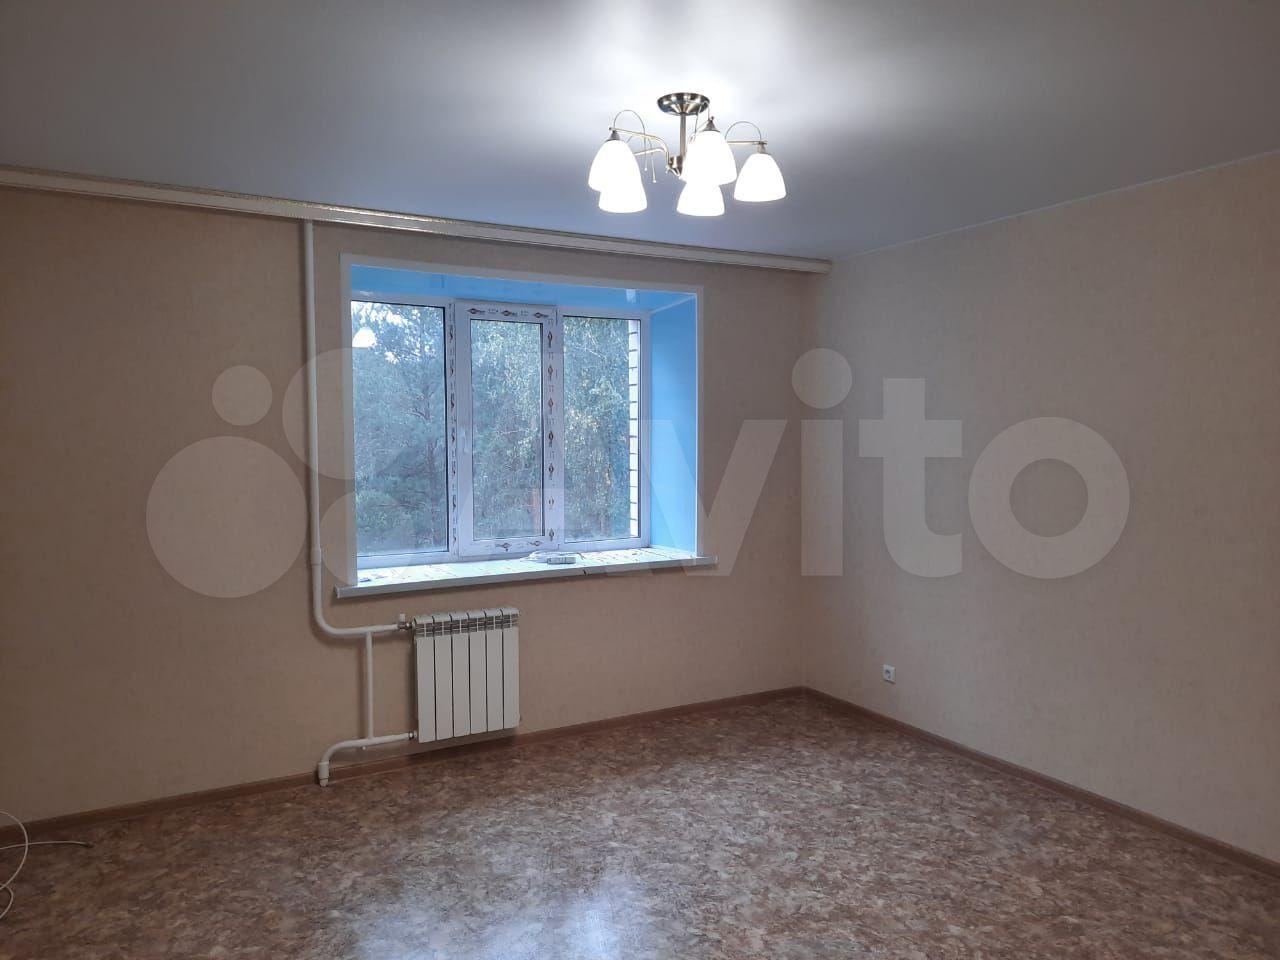 2-к квартира, 56 м², 3/5 эт.  89276808480 купить 1